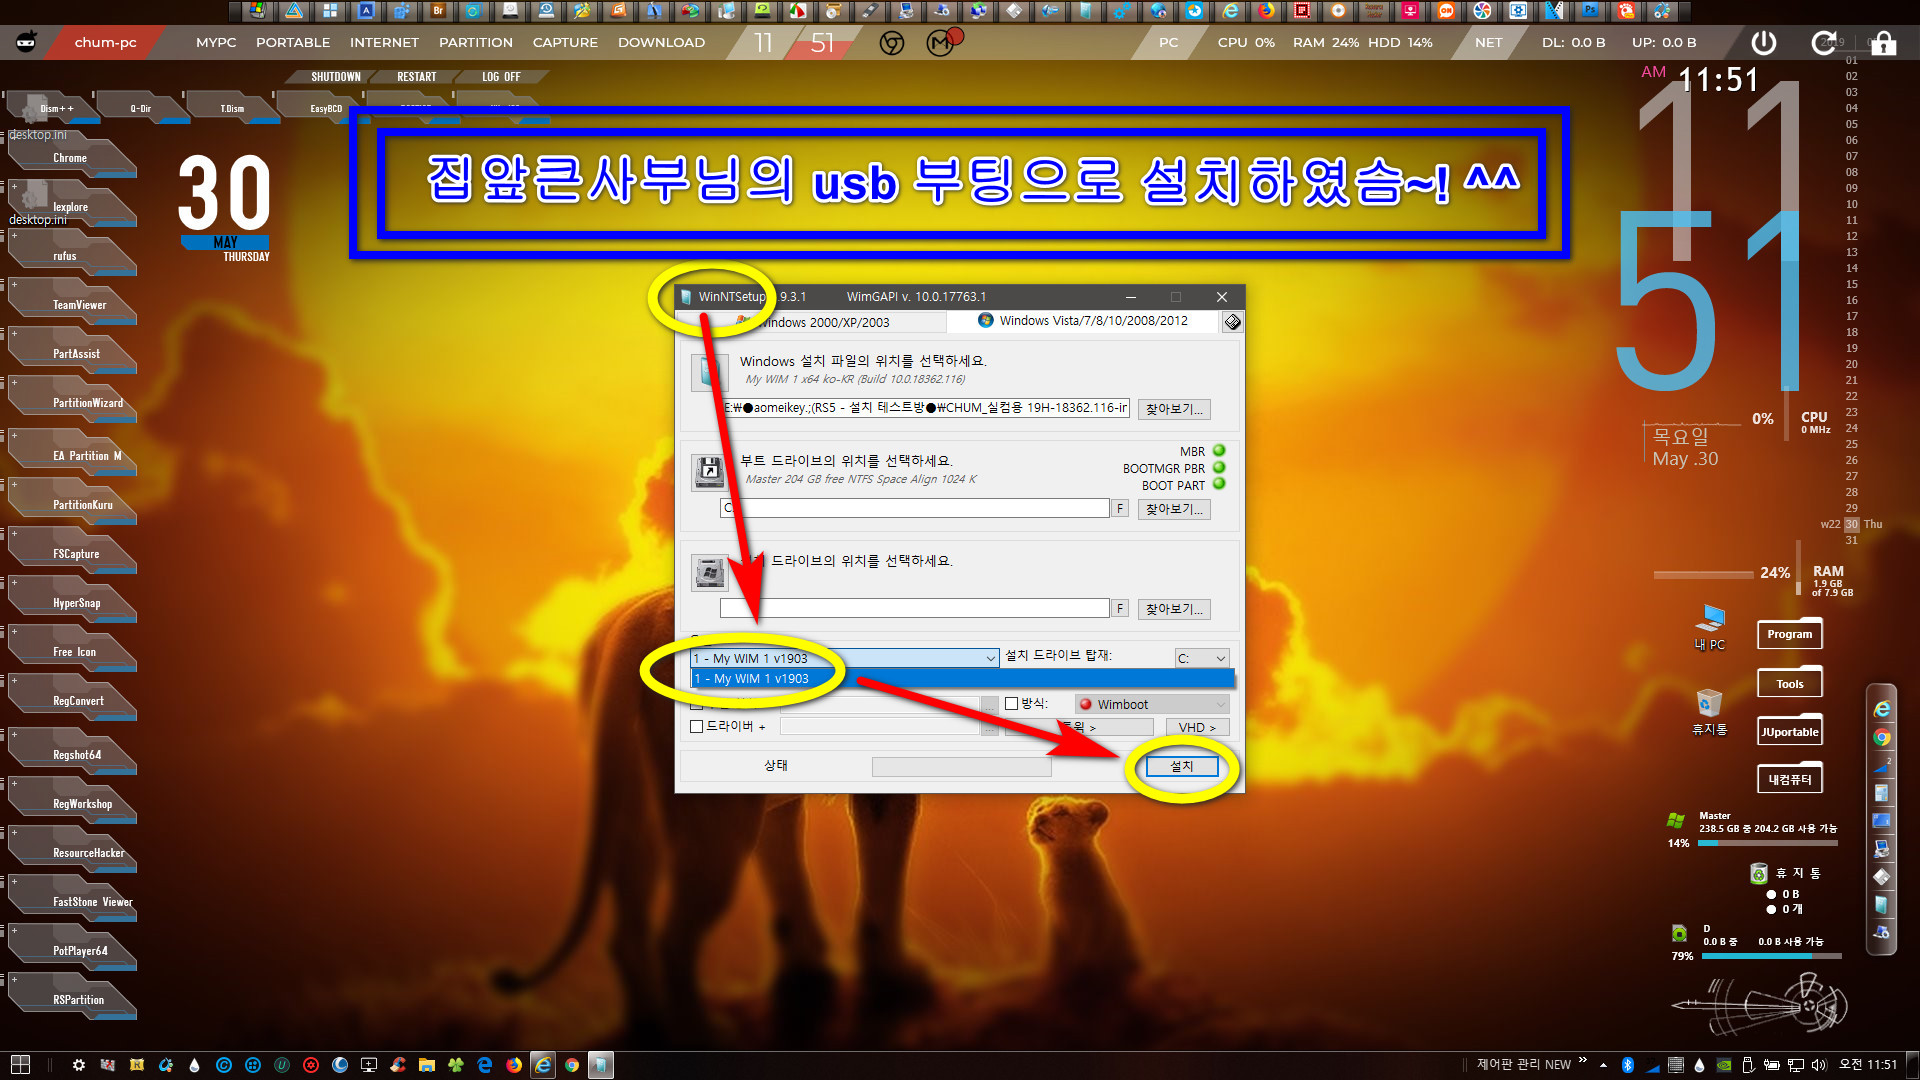 실컴 HDD C드라이브에 설치한 후의 부팅화면00.jpg